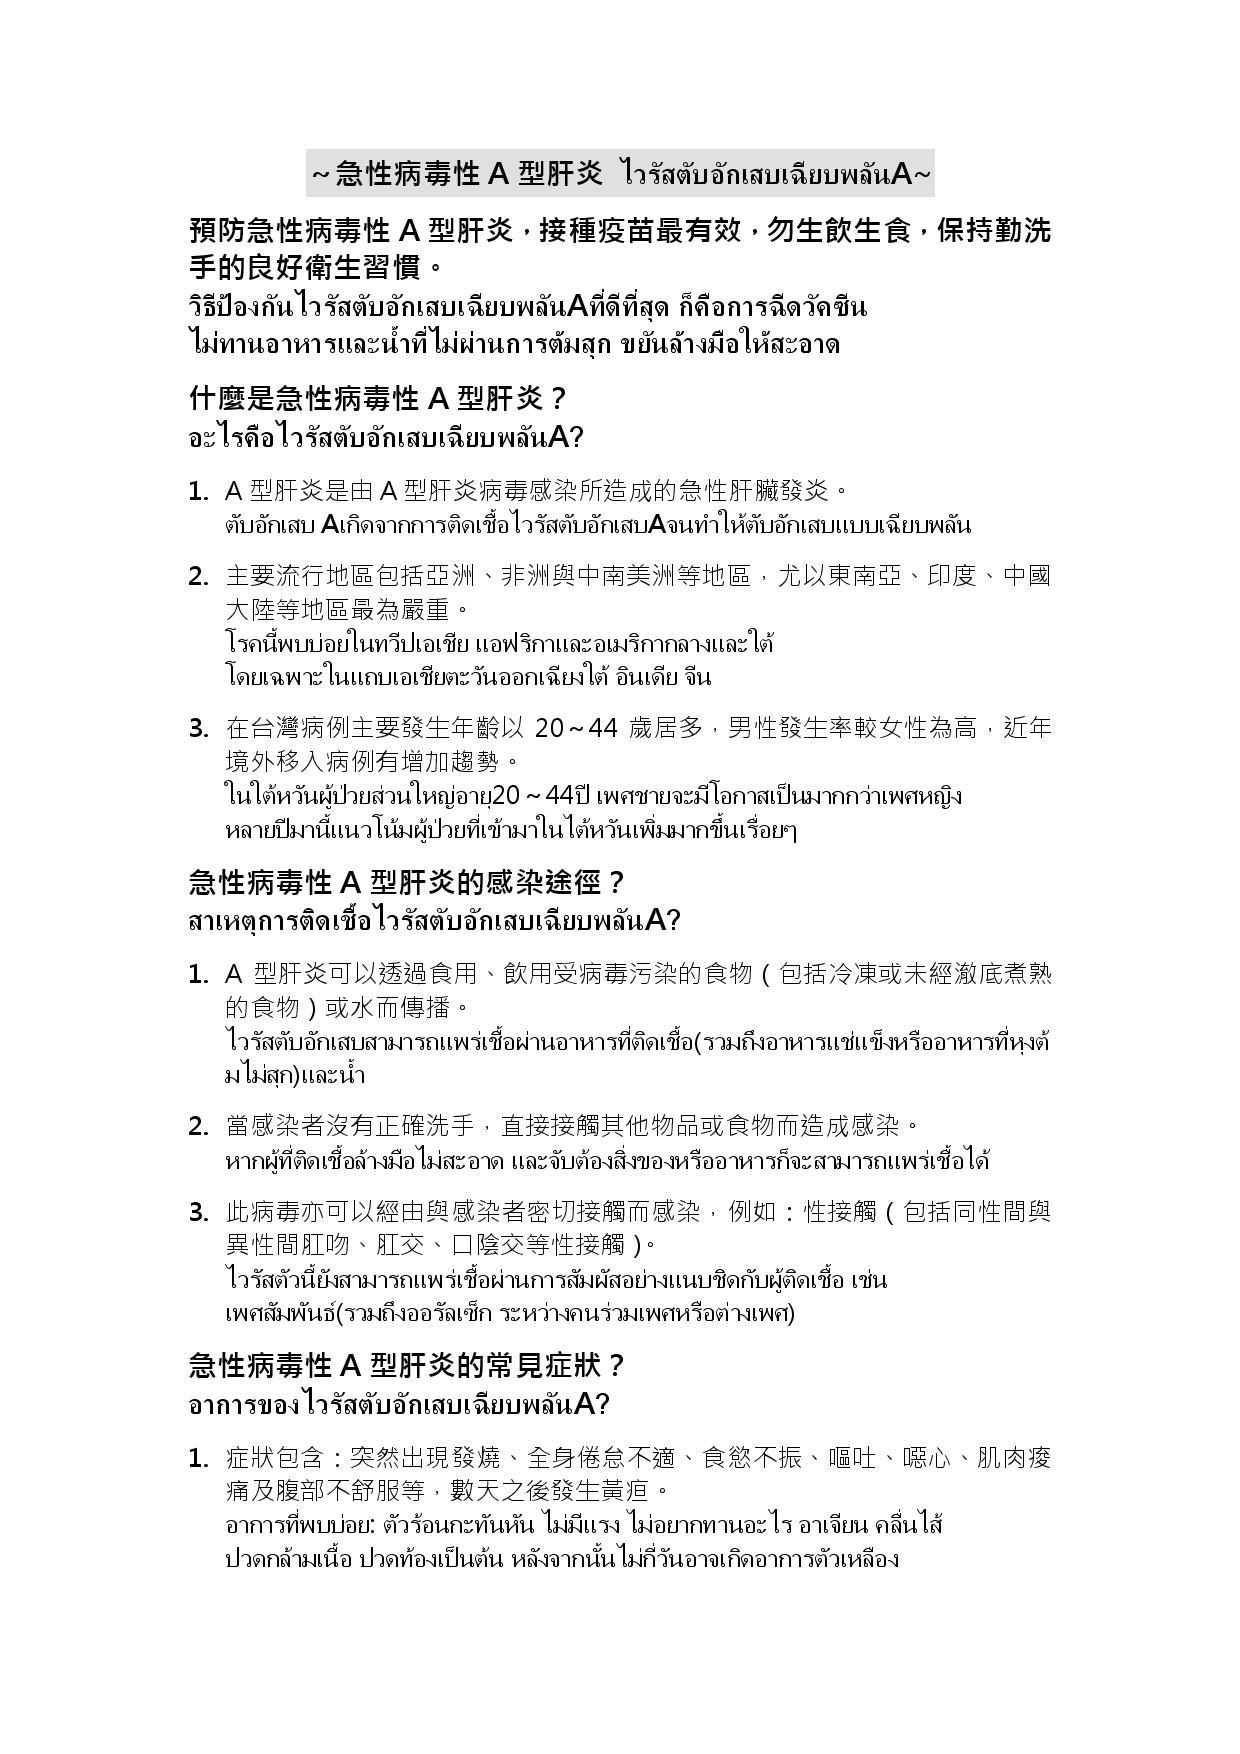 詳如附件【คลิก】วิธีป้องกันไวรัสตับอักเสบเฉียบพลันAที่ดีที่สุด(หน้า 1)預防急性病毒性A型肝炎,接種疫苗最有效(泰文)